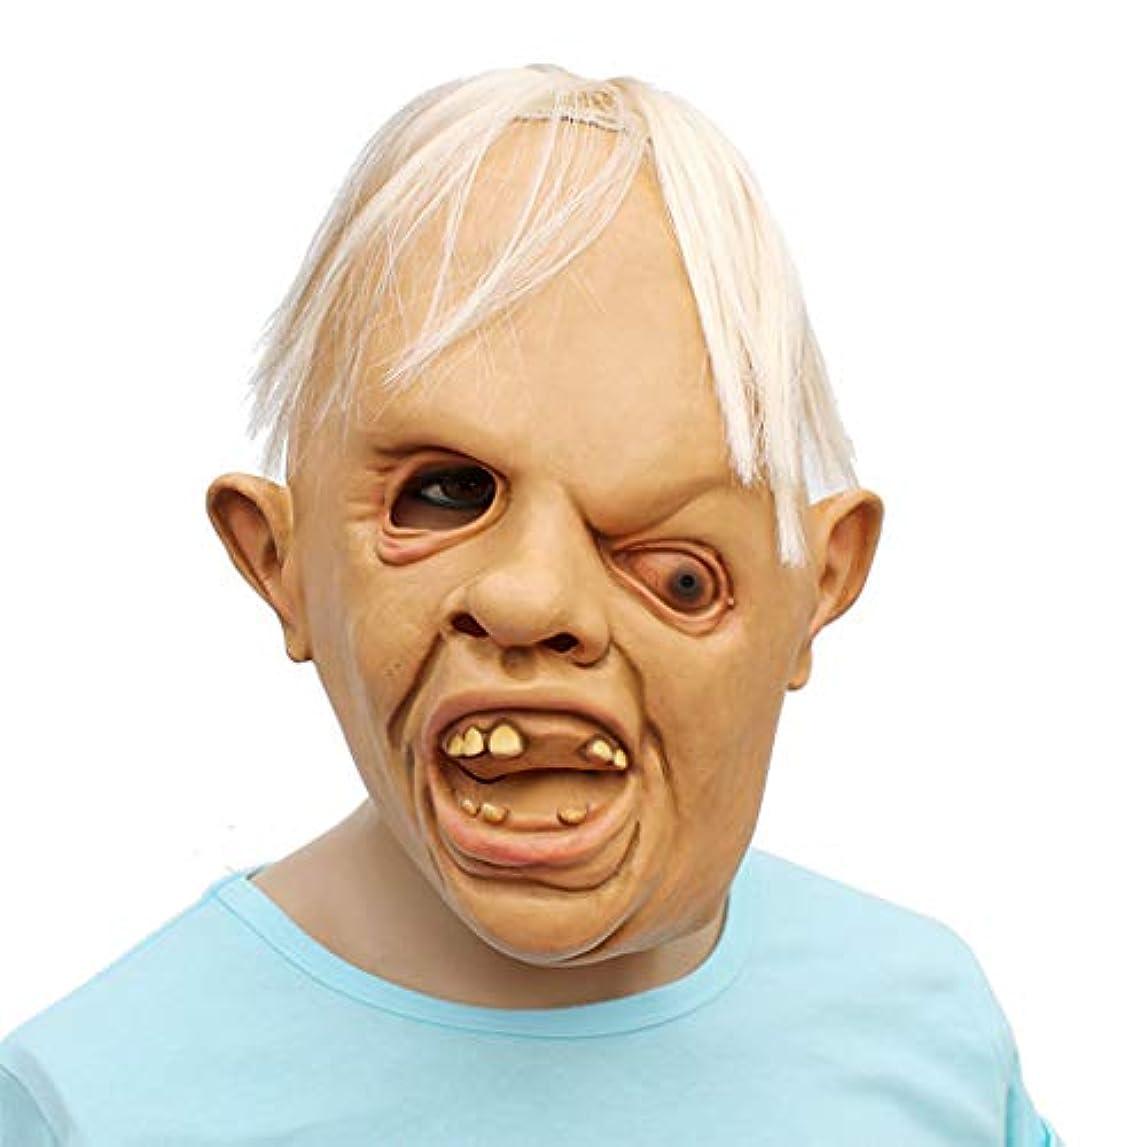 スリーブハシースペシャリストハロウィーンマスク、ラテックスマスク、不気味な怖いLaいレイジーマスクハロウィーンパーティーの衣装の装飾